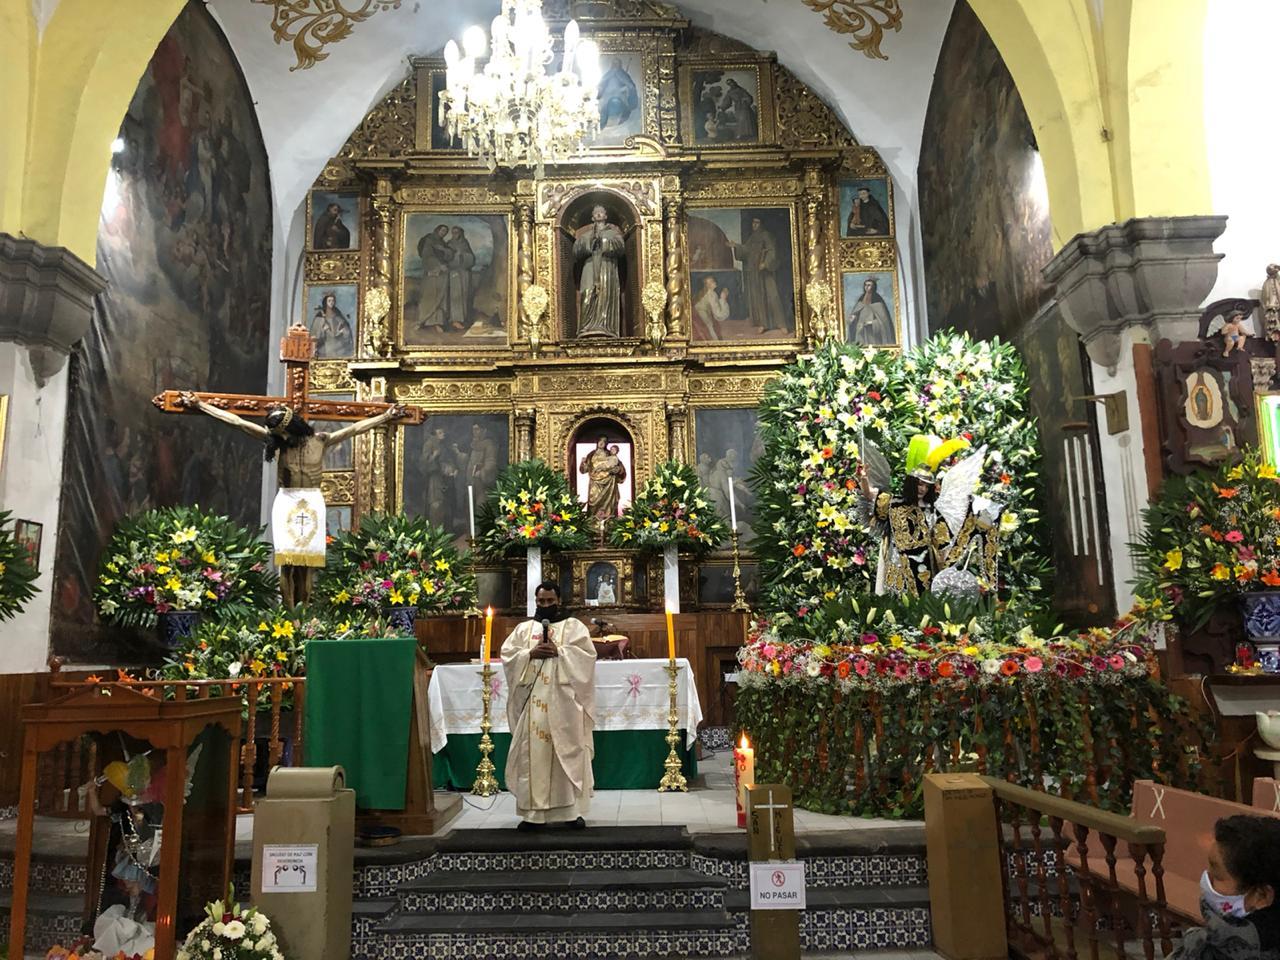 Restringen acceso a fieles durante festejos de San Miguel en Huejotzingo